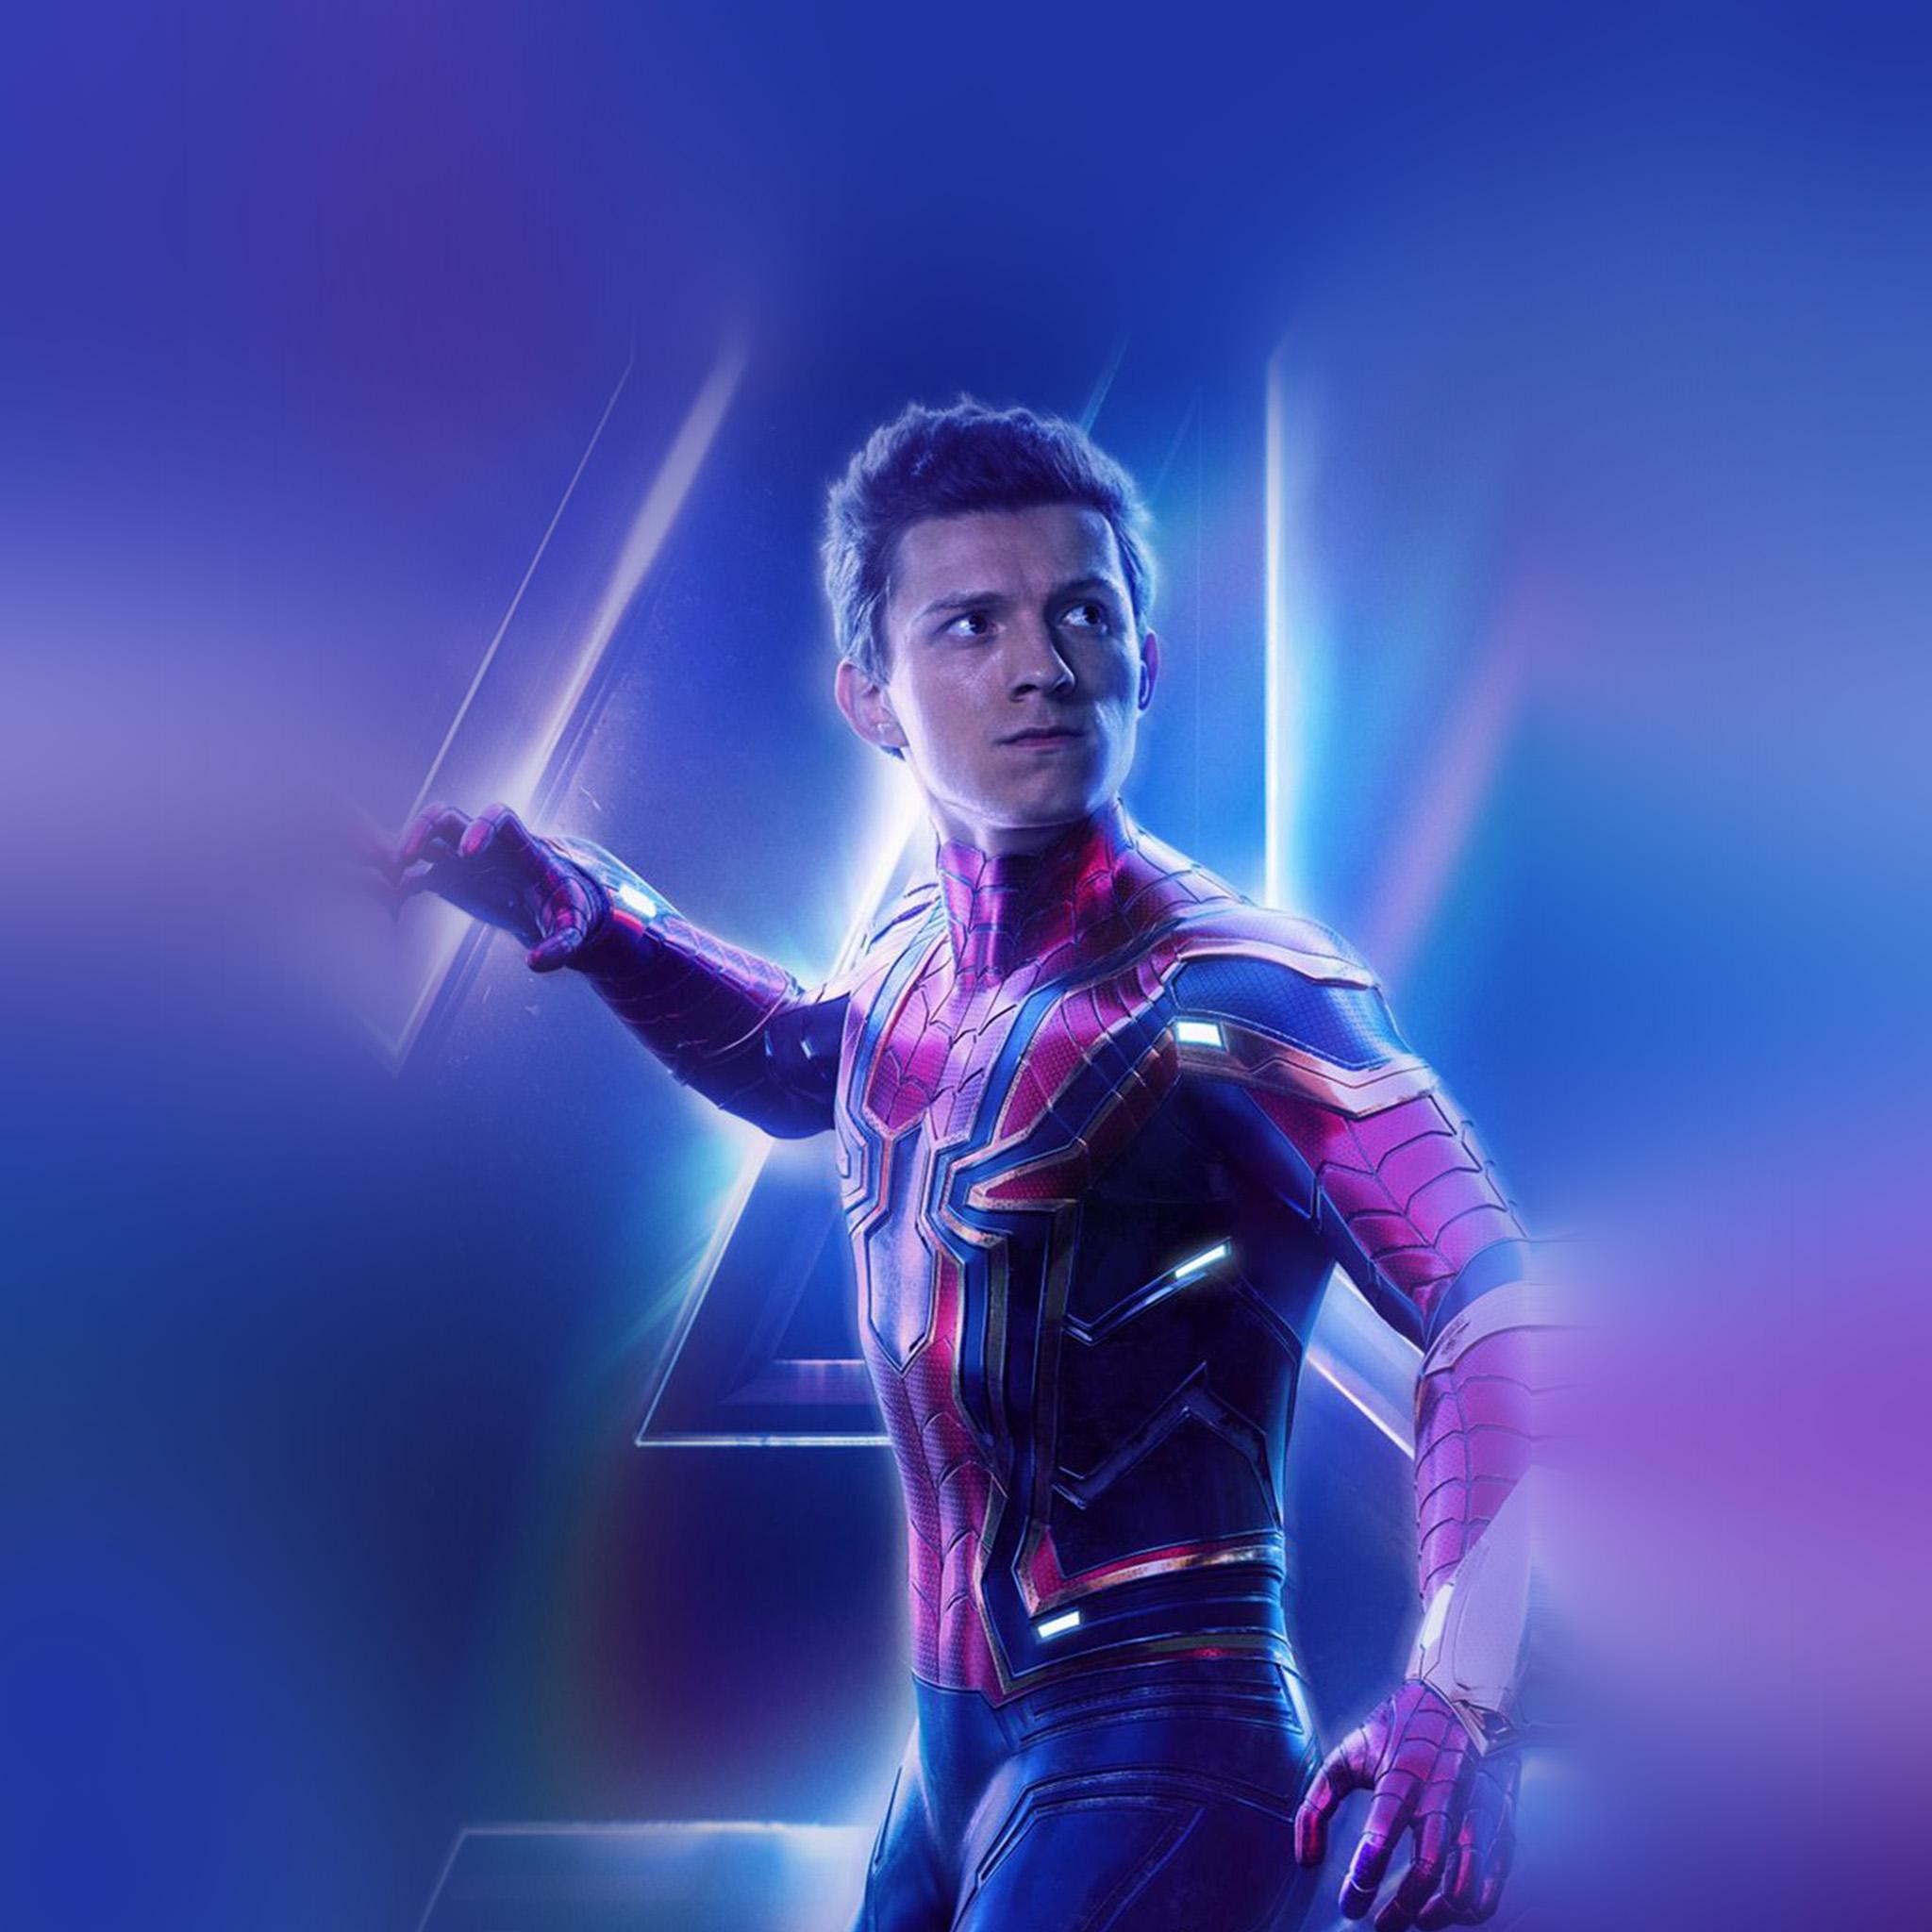 Spiderman Wallpaper Iphone X Be92 Spiderman Suit Avengers Infinitywar Marvel Hero Art